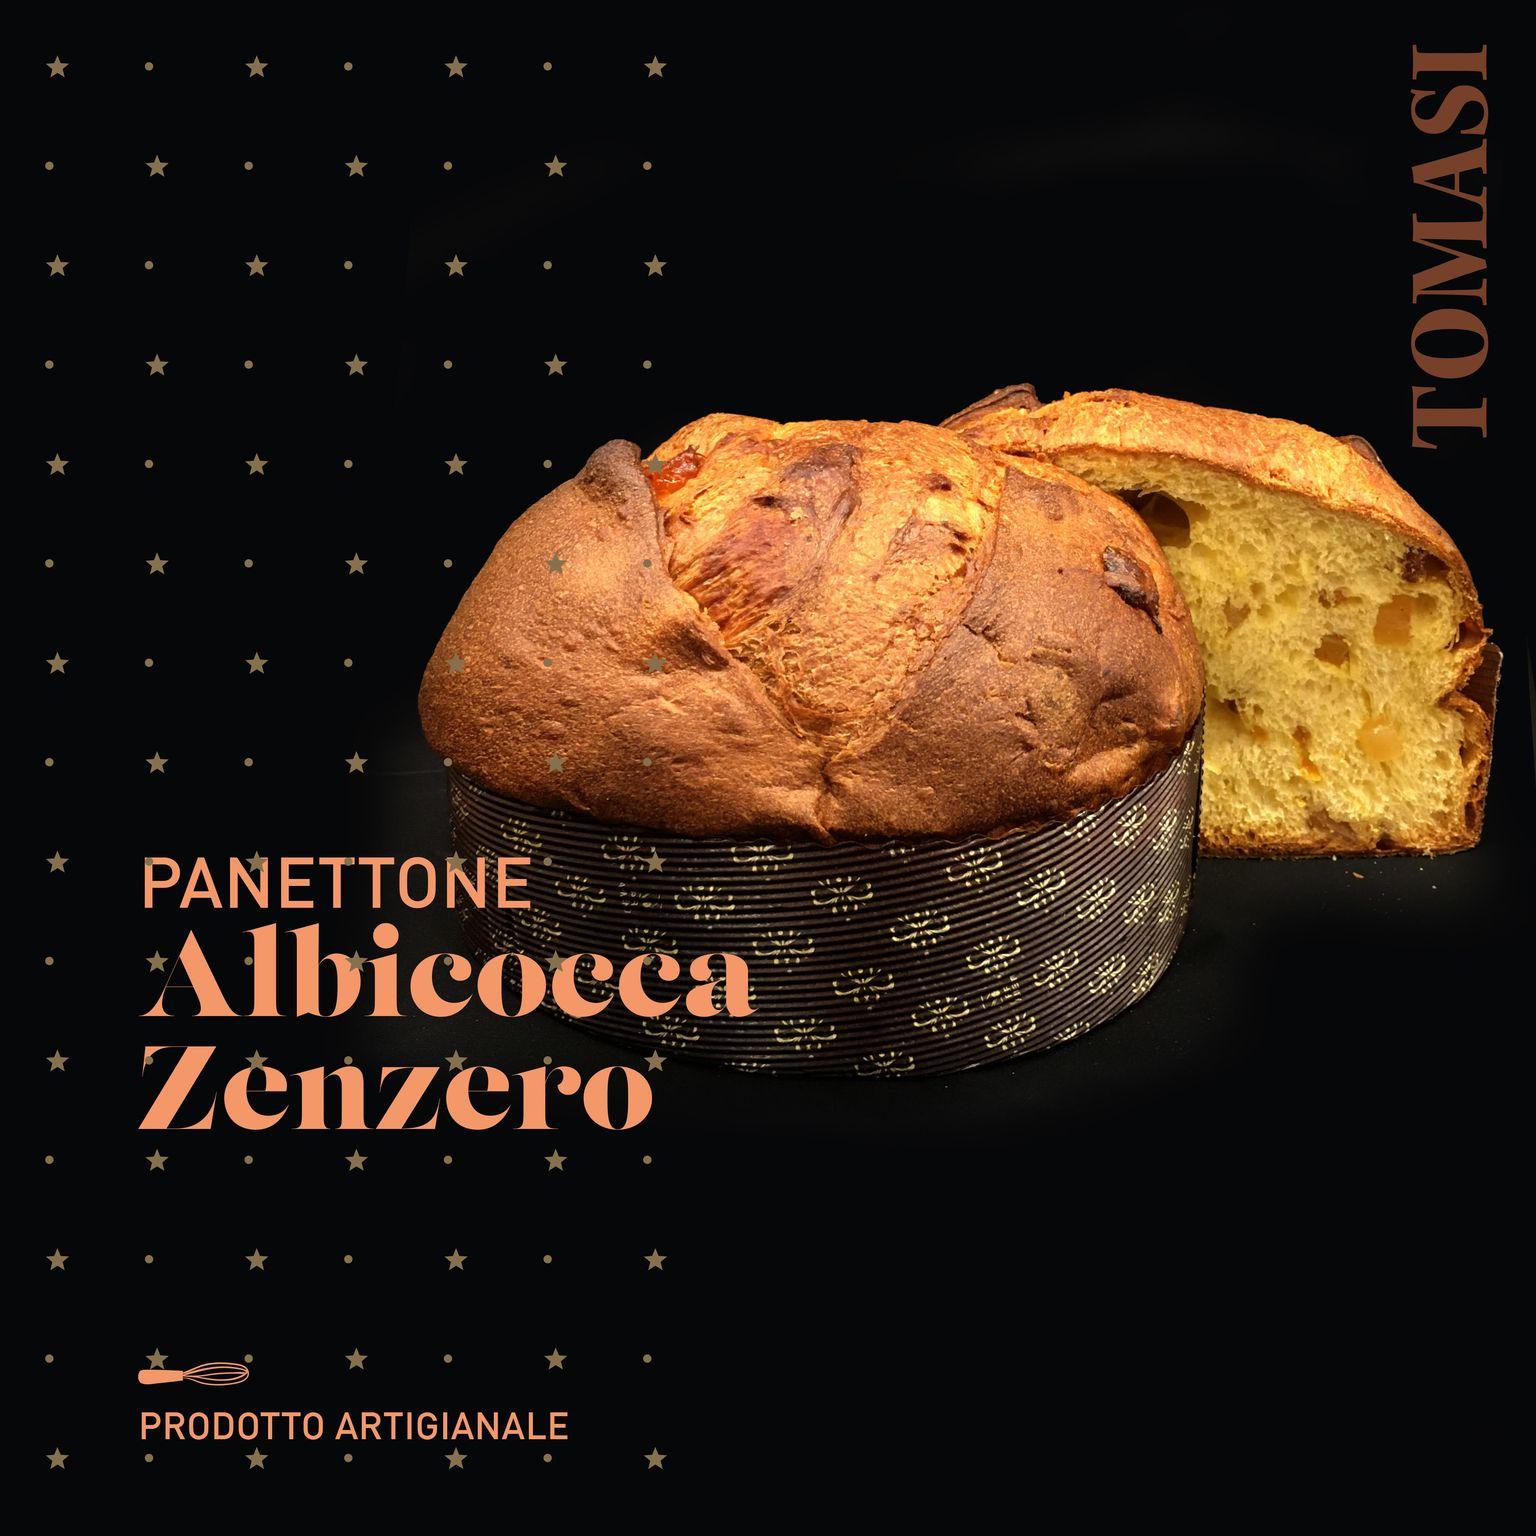 Panettone Albicocca e Zenzero - 750g